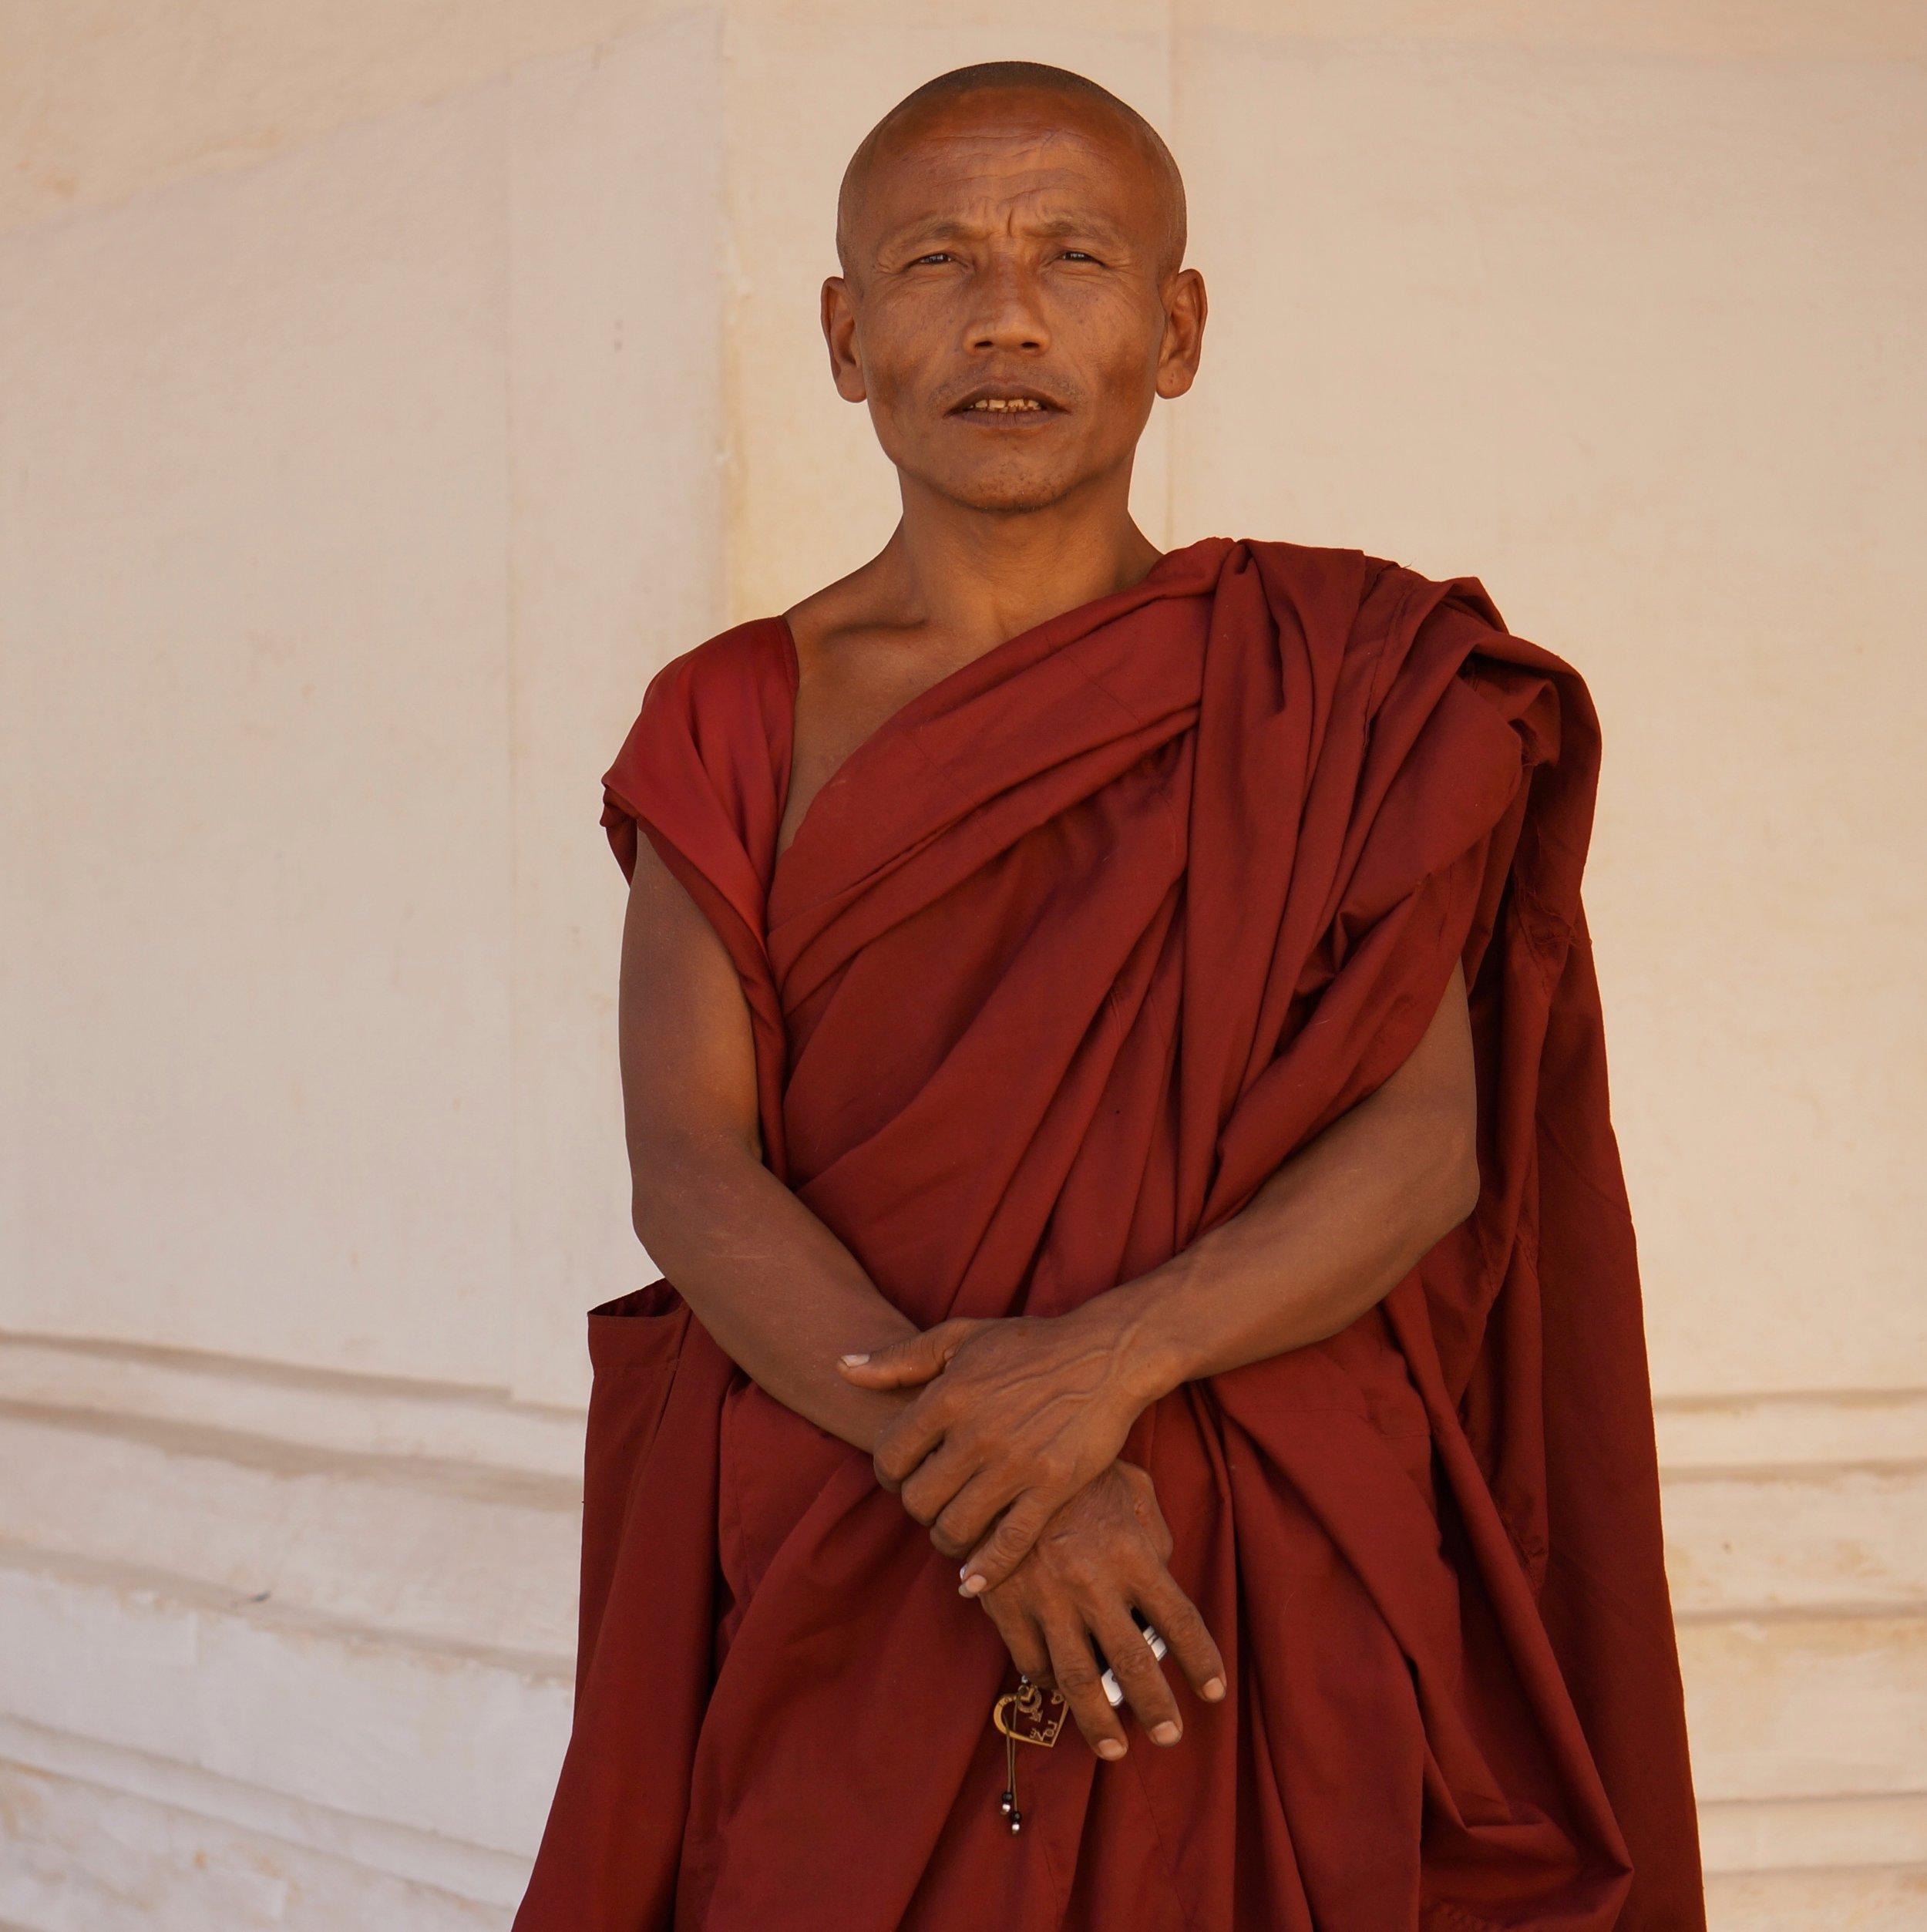 People-Burmese Monk.jpg